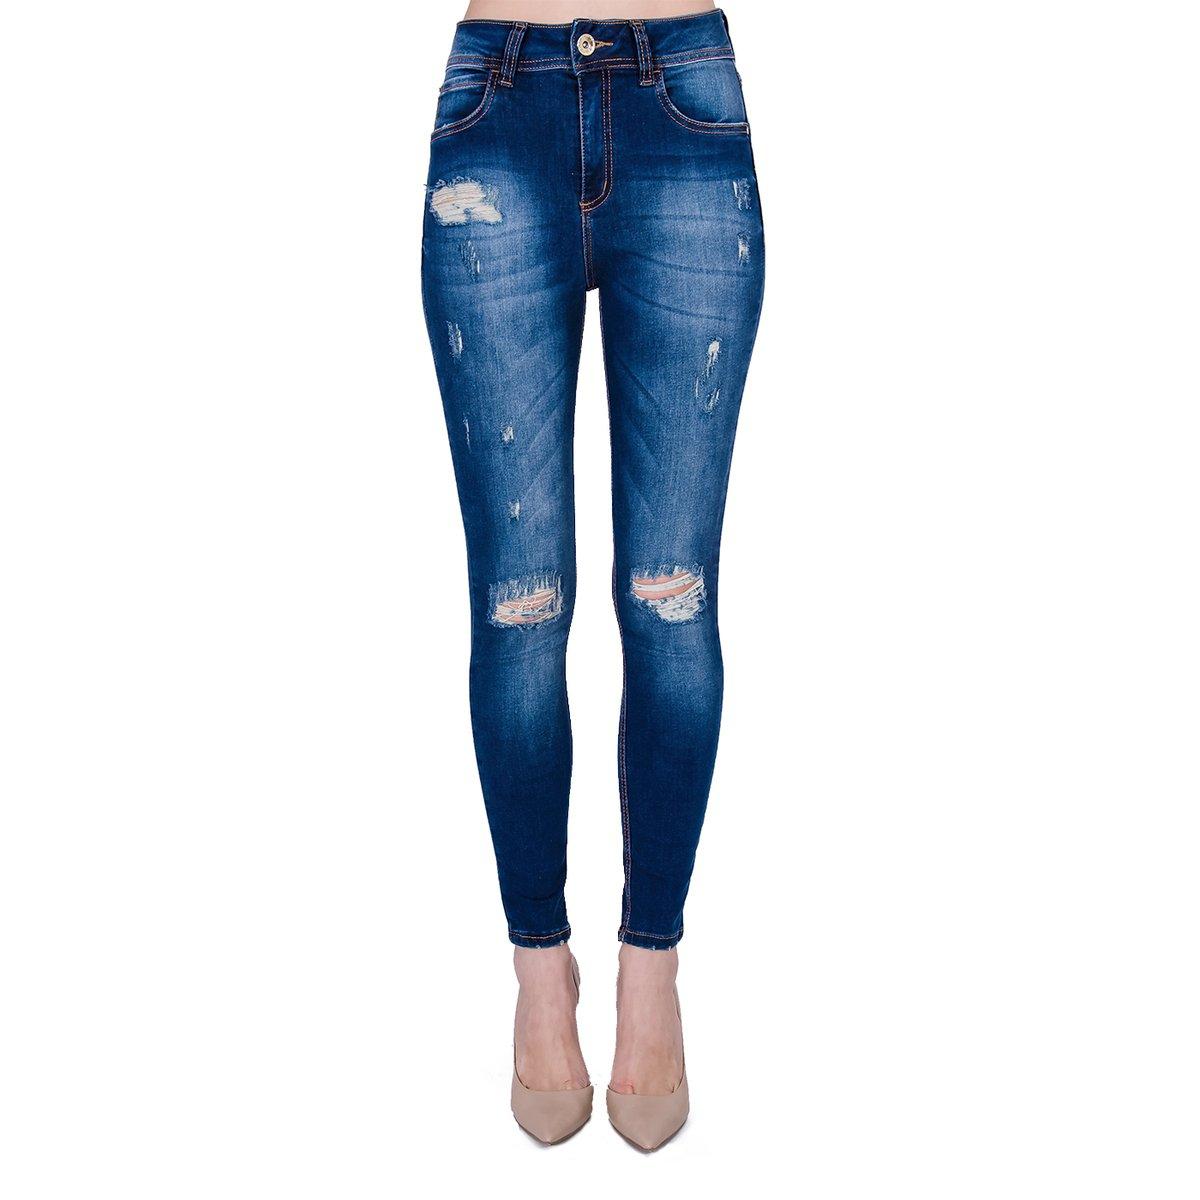 76f4108b8 Calça Jeans Skinny ower Colcci Feminina - Compre Agora